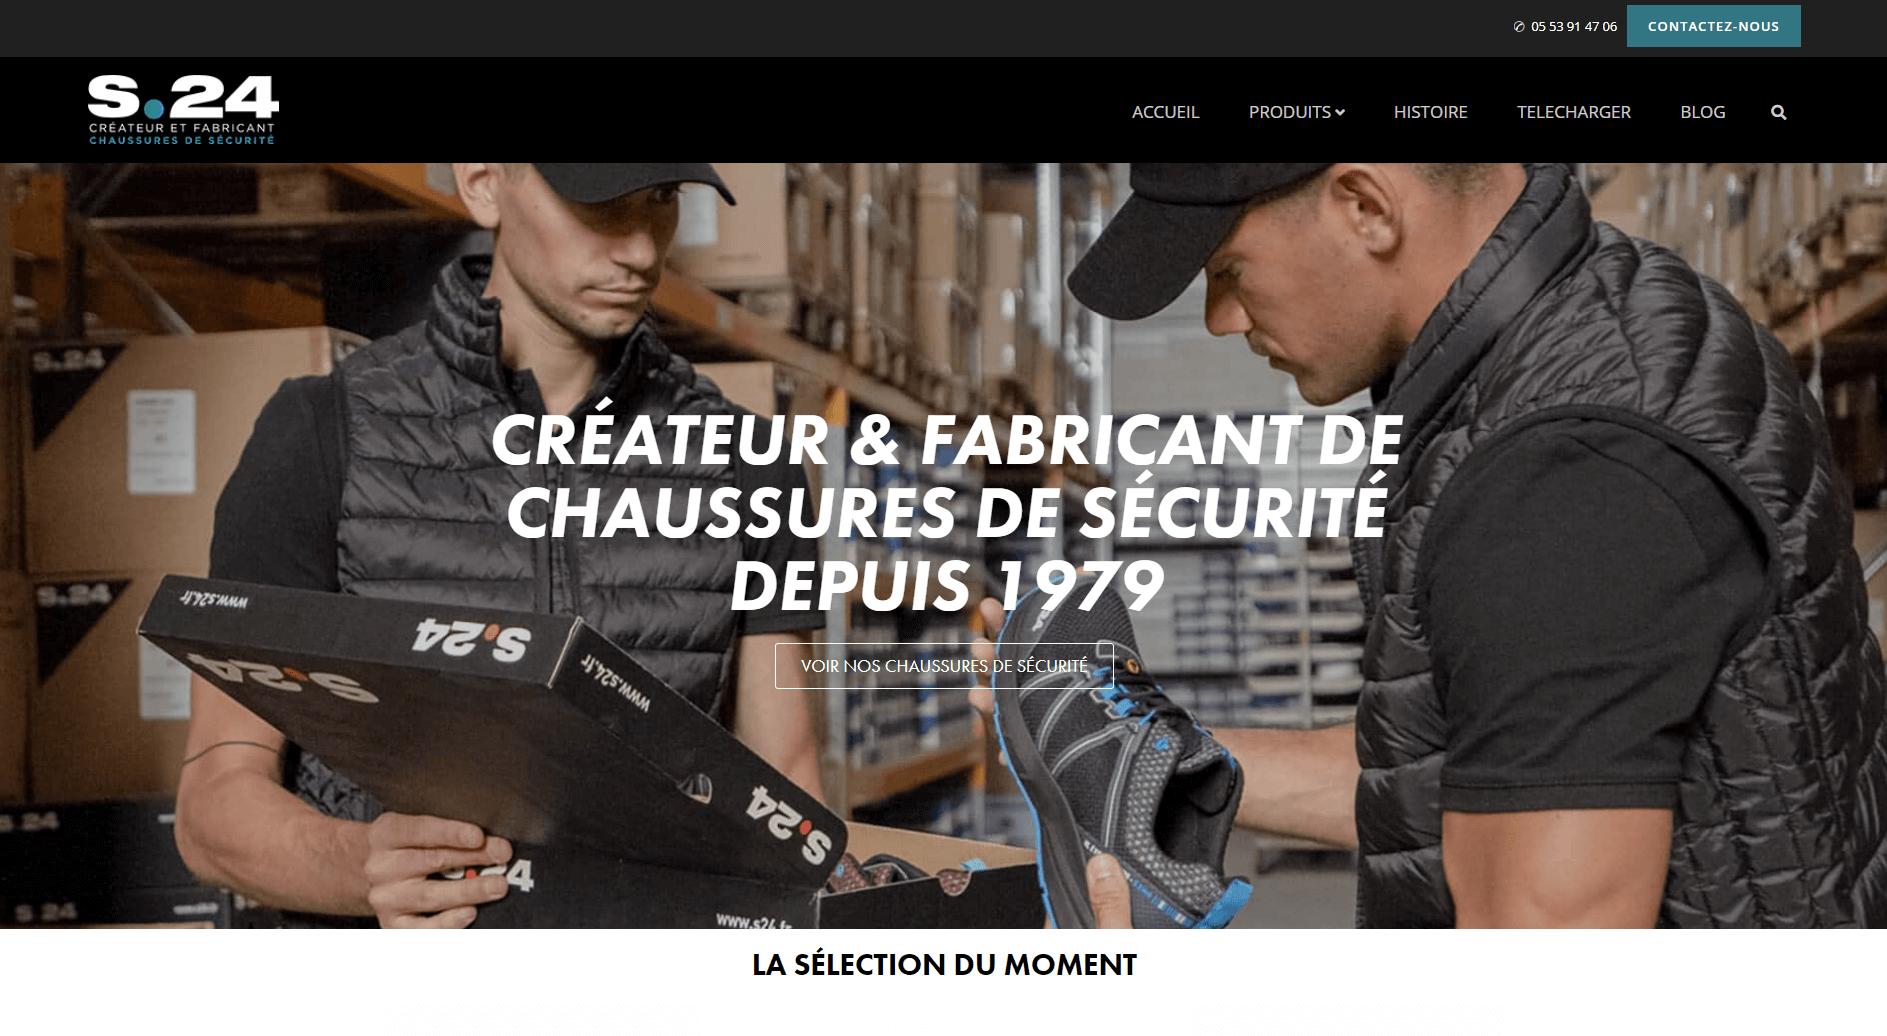 Homepage du site web S24 fabricants de chaussures de sécurité